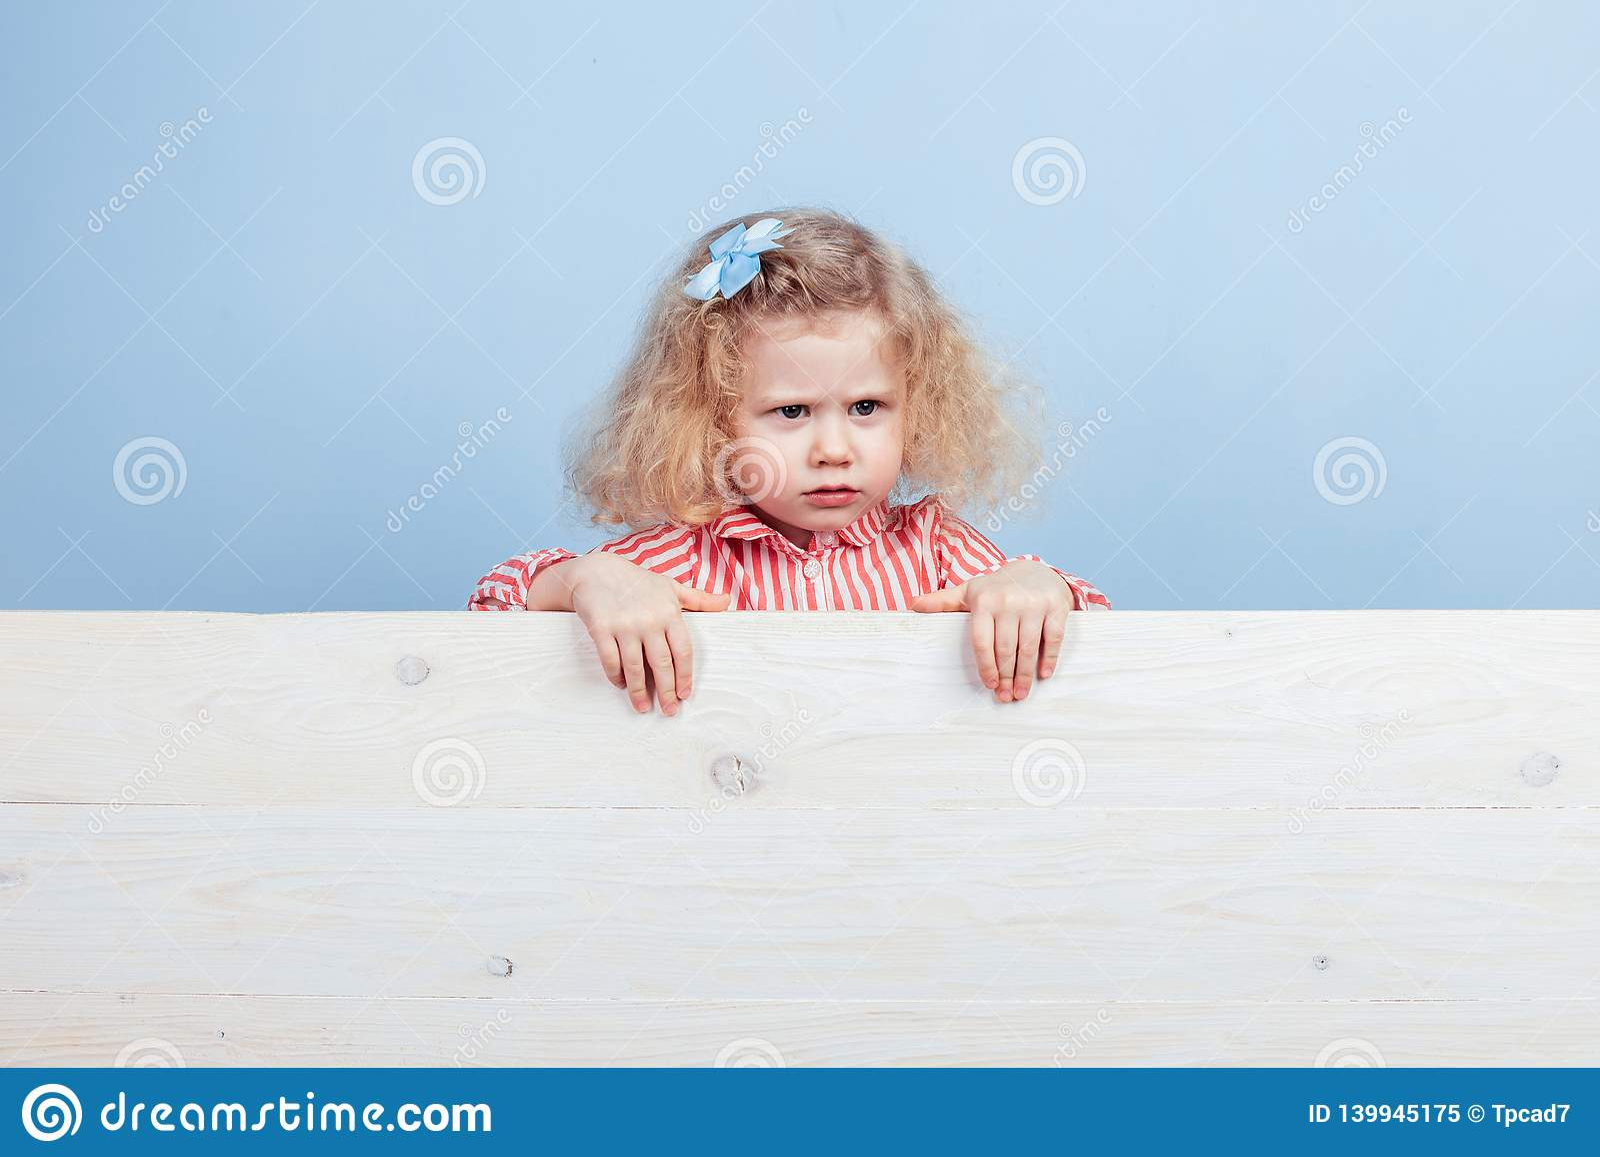 Petite fille bouclée drôle dans une robe rouge et blanche rayée et une fleur bleue sur ses supports de cheveux derrière le consei